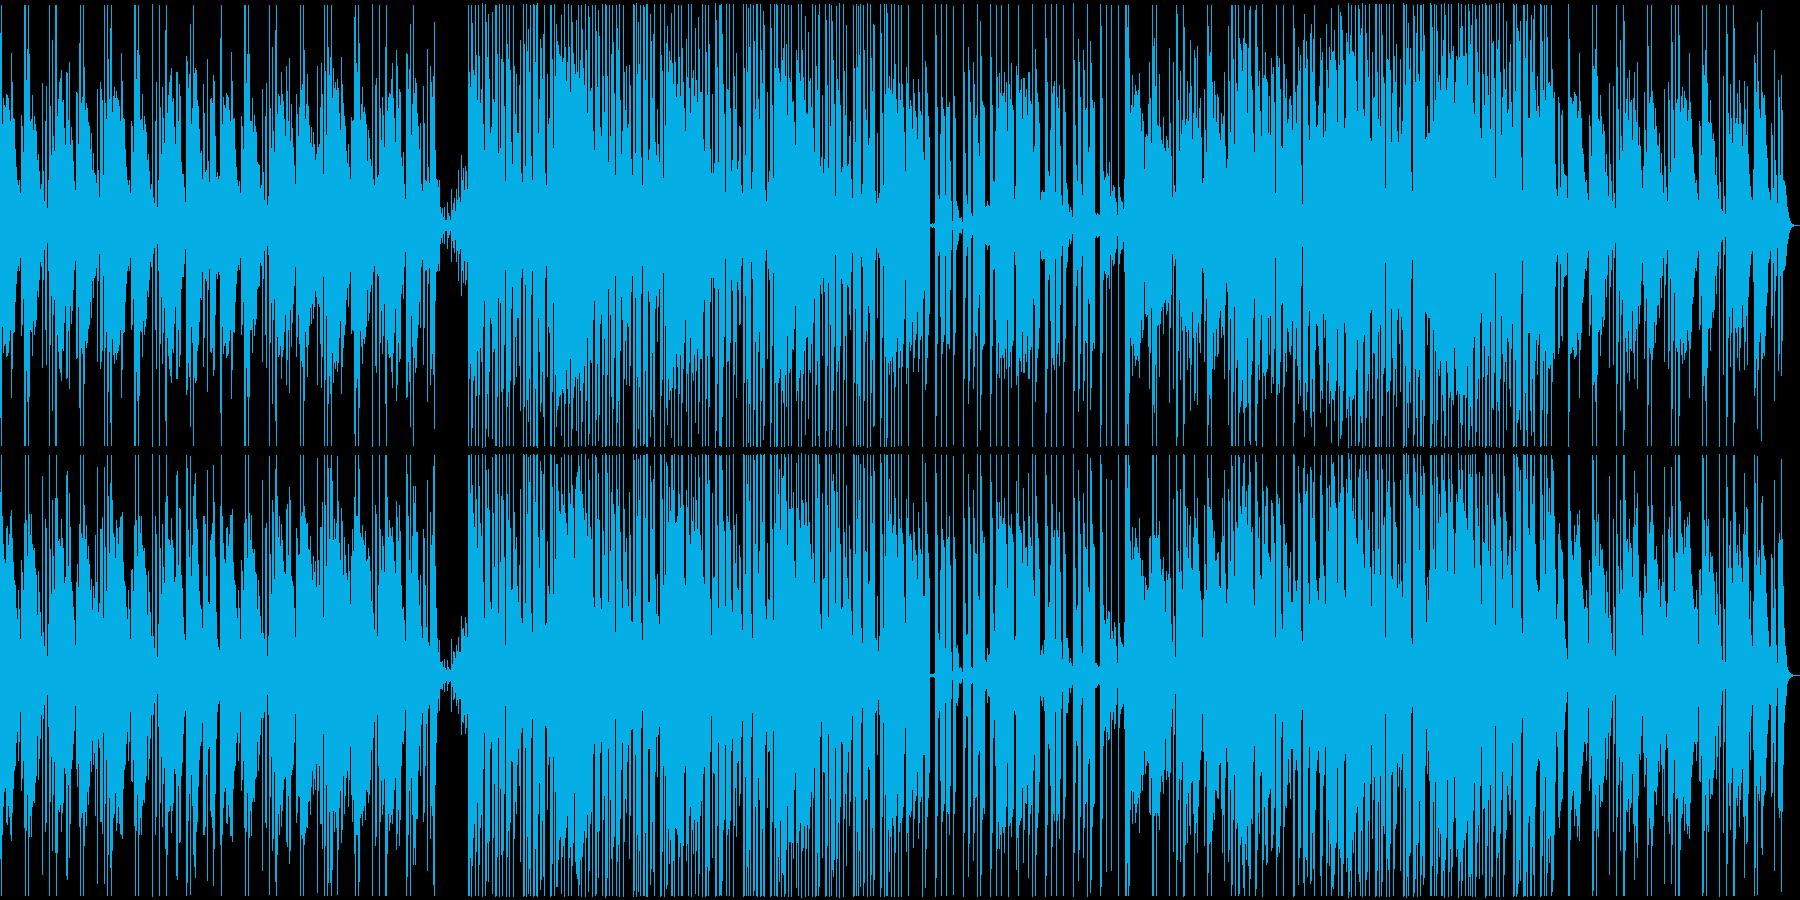 勇壮な和太鼓が響く和風楽曲の再生済みの波形